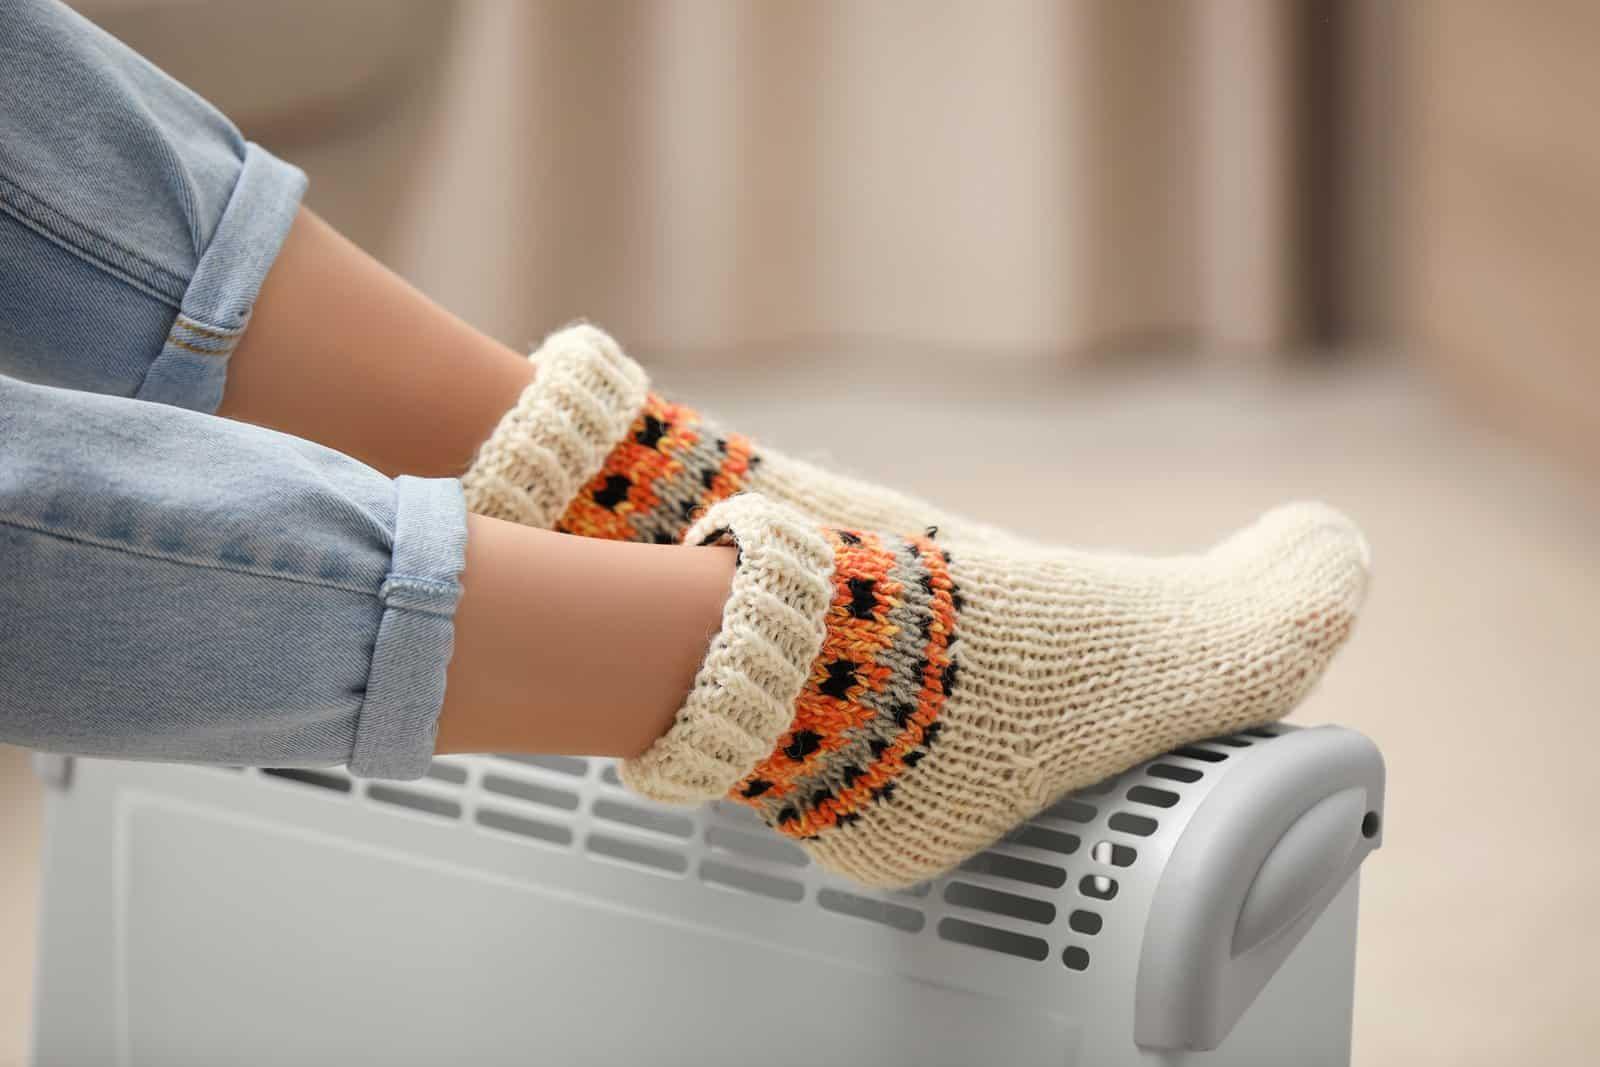 Miért hideg folyton a lábam? - HáziPatika